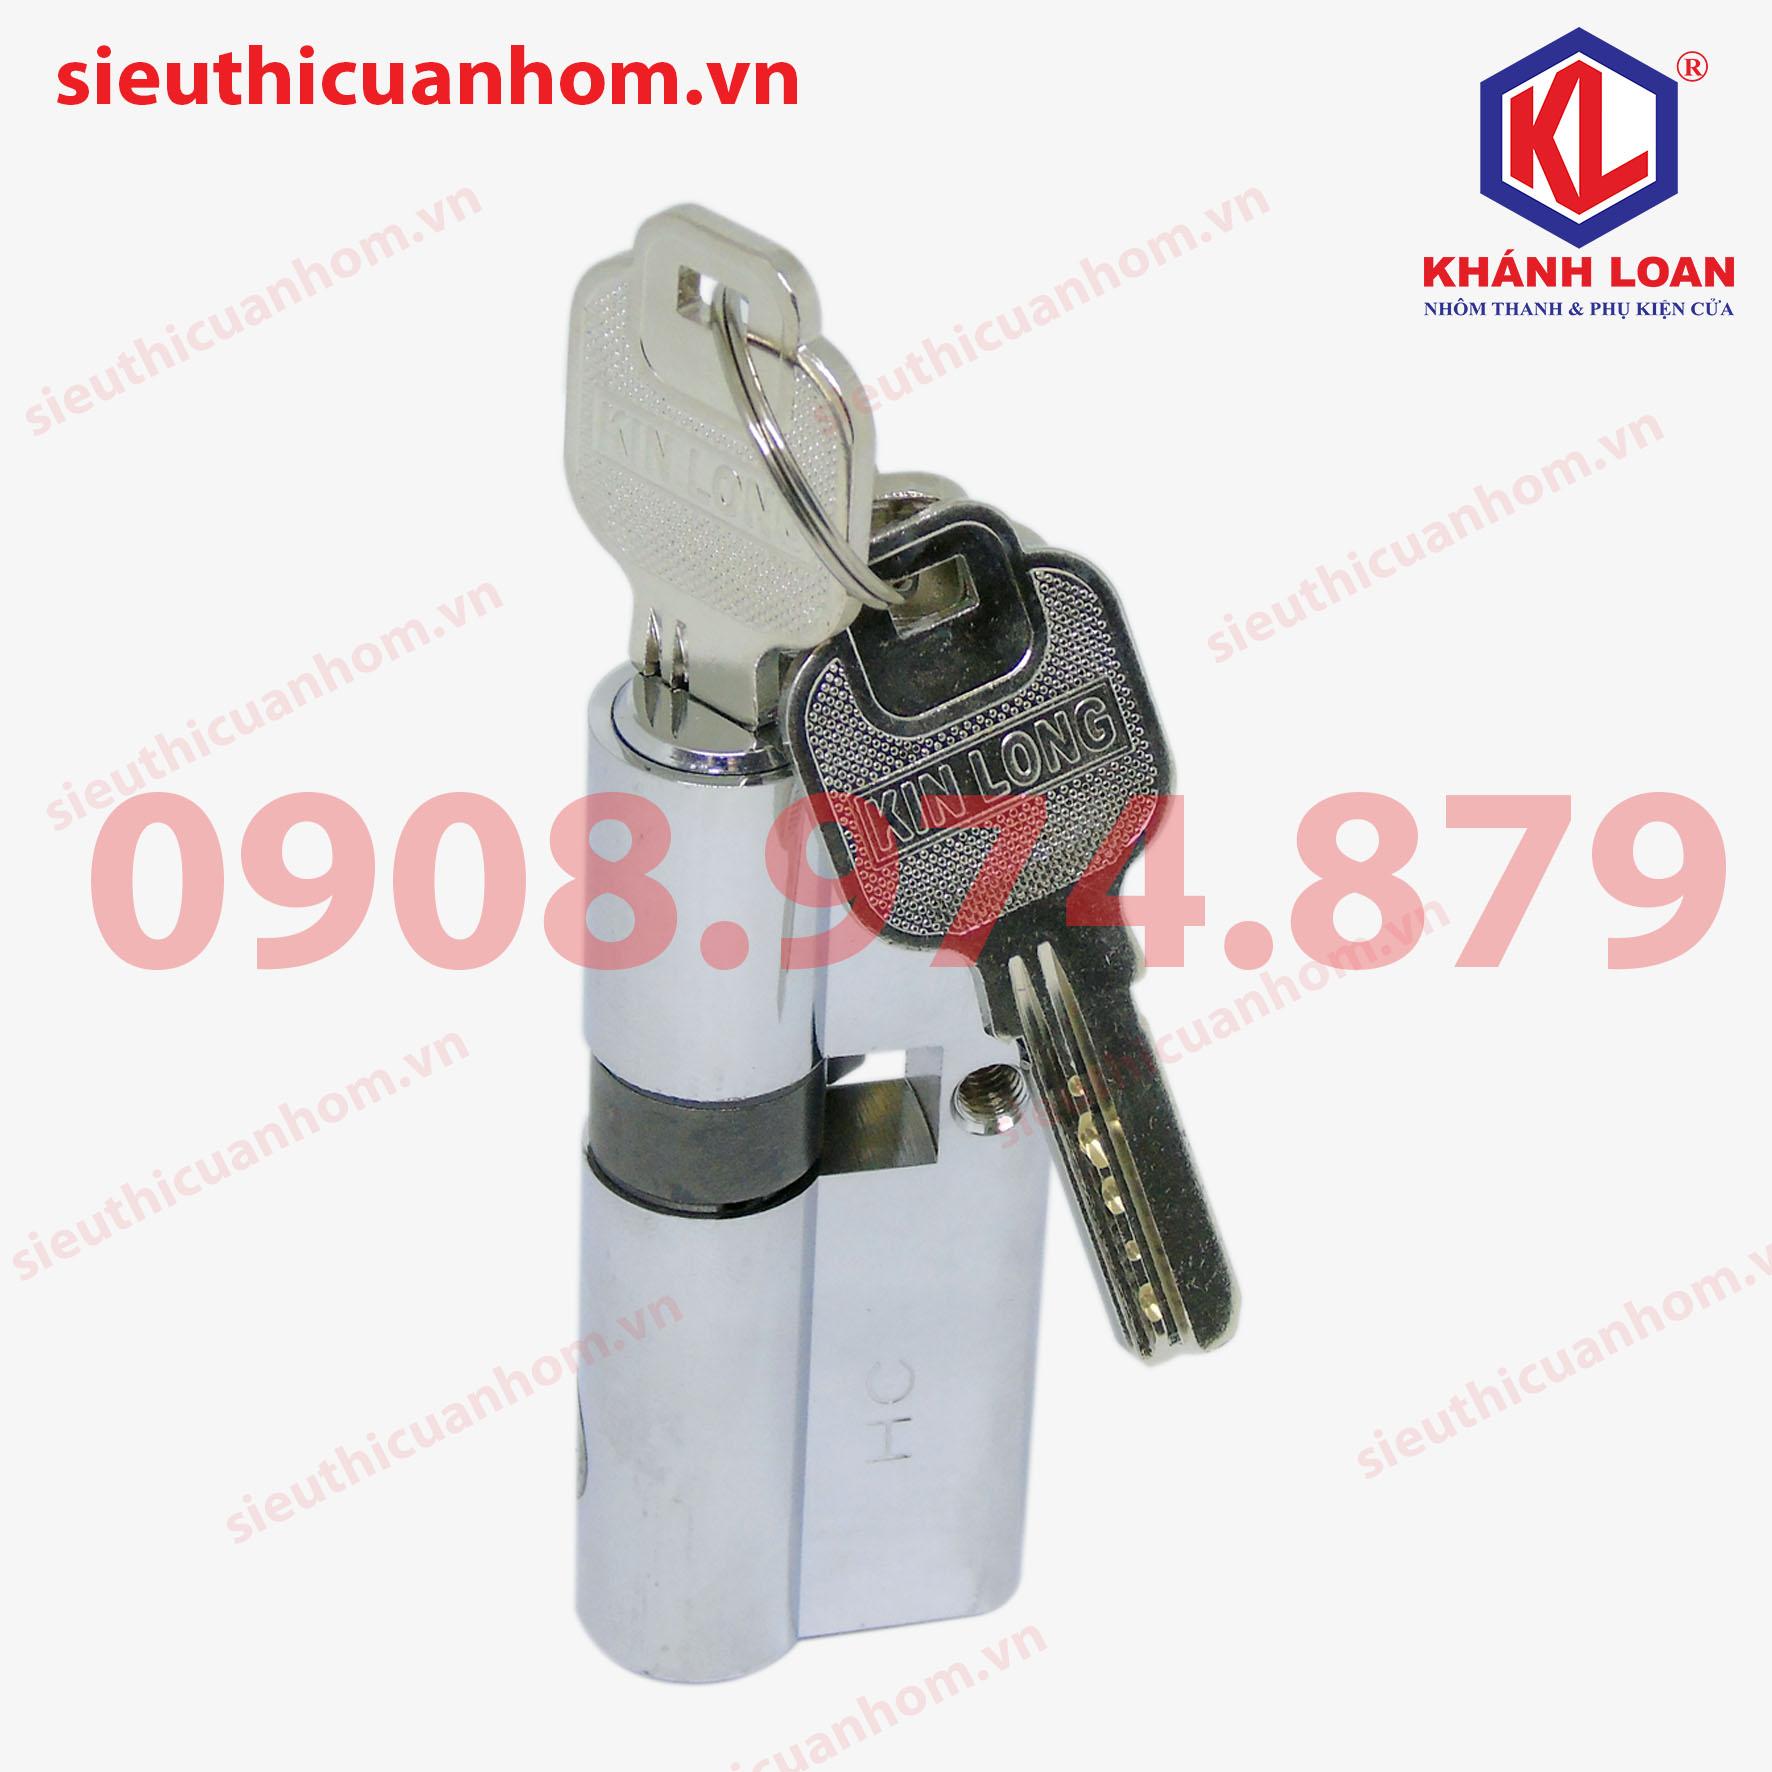 Lõi khóa 2 đầu chìa cửa đi hiệu KinLong chính hãng - KIL3247